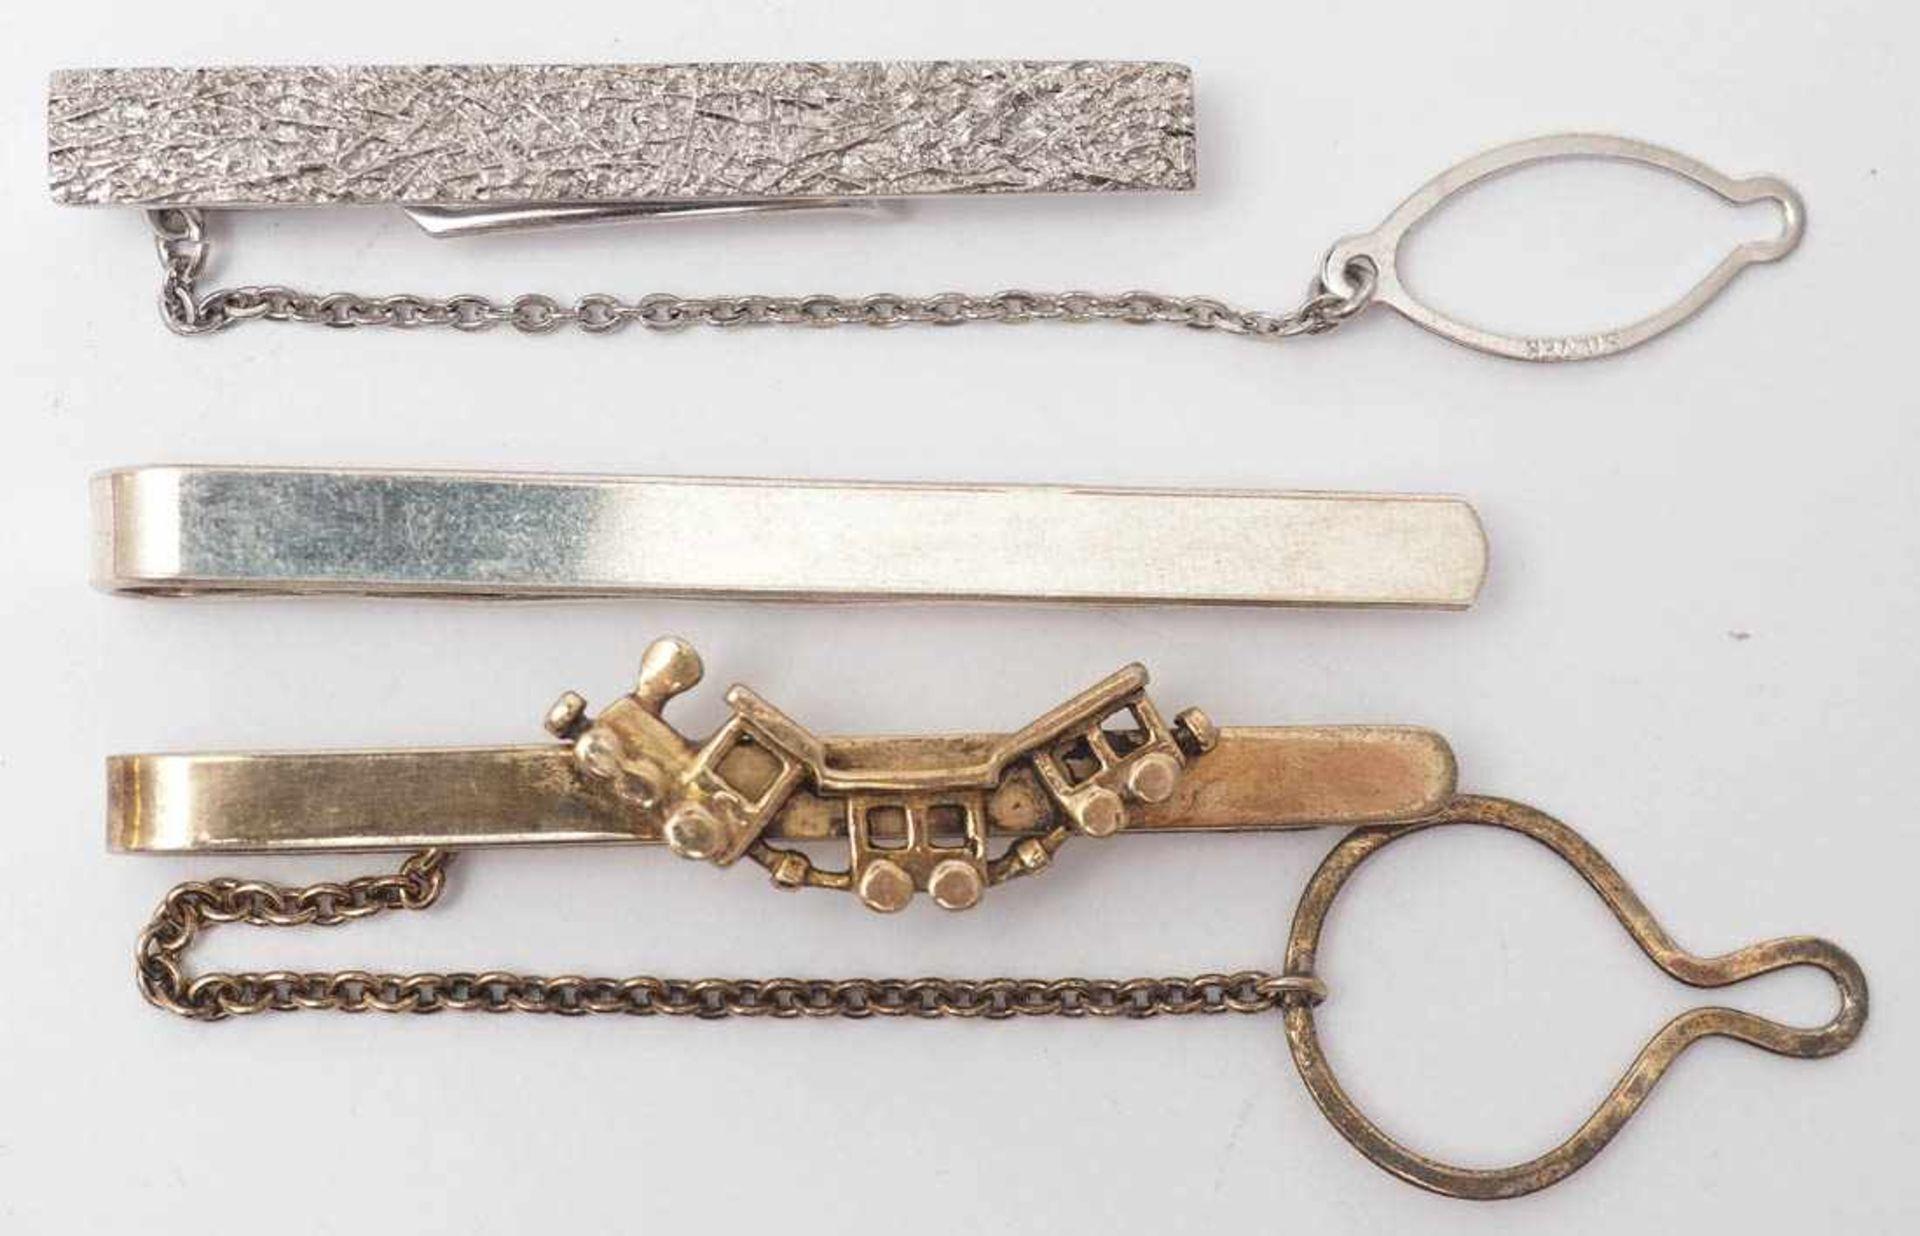 Konvolut KrawattenklammernSilber 925. Teilweise vergoldet. Eine mit reliefiertem Froschkönig, eine - Bild 3 aus 3